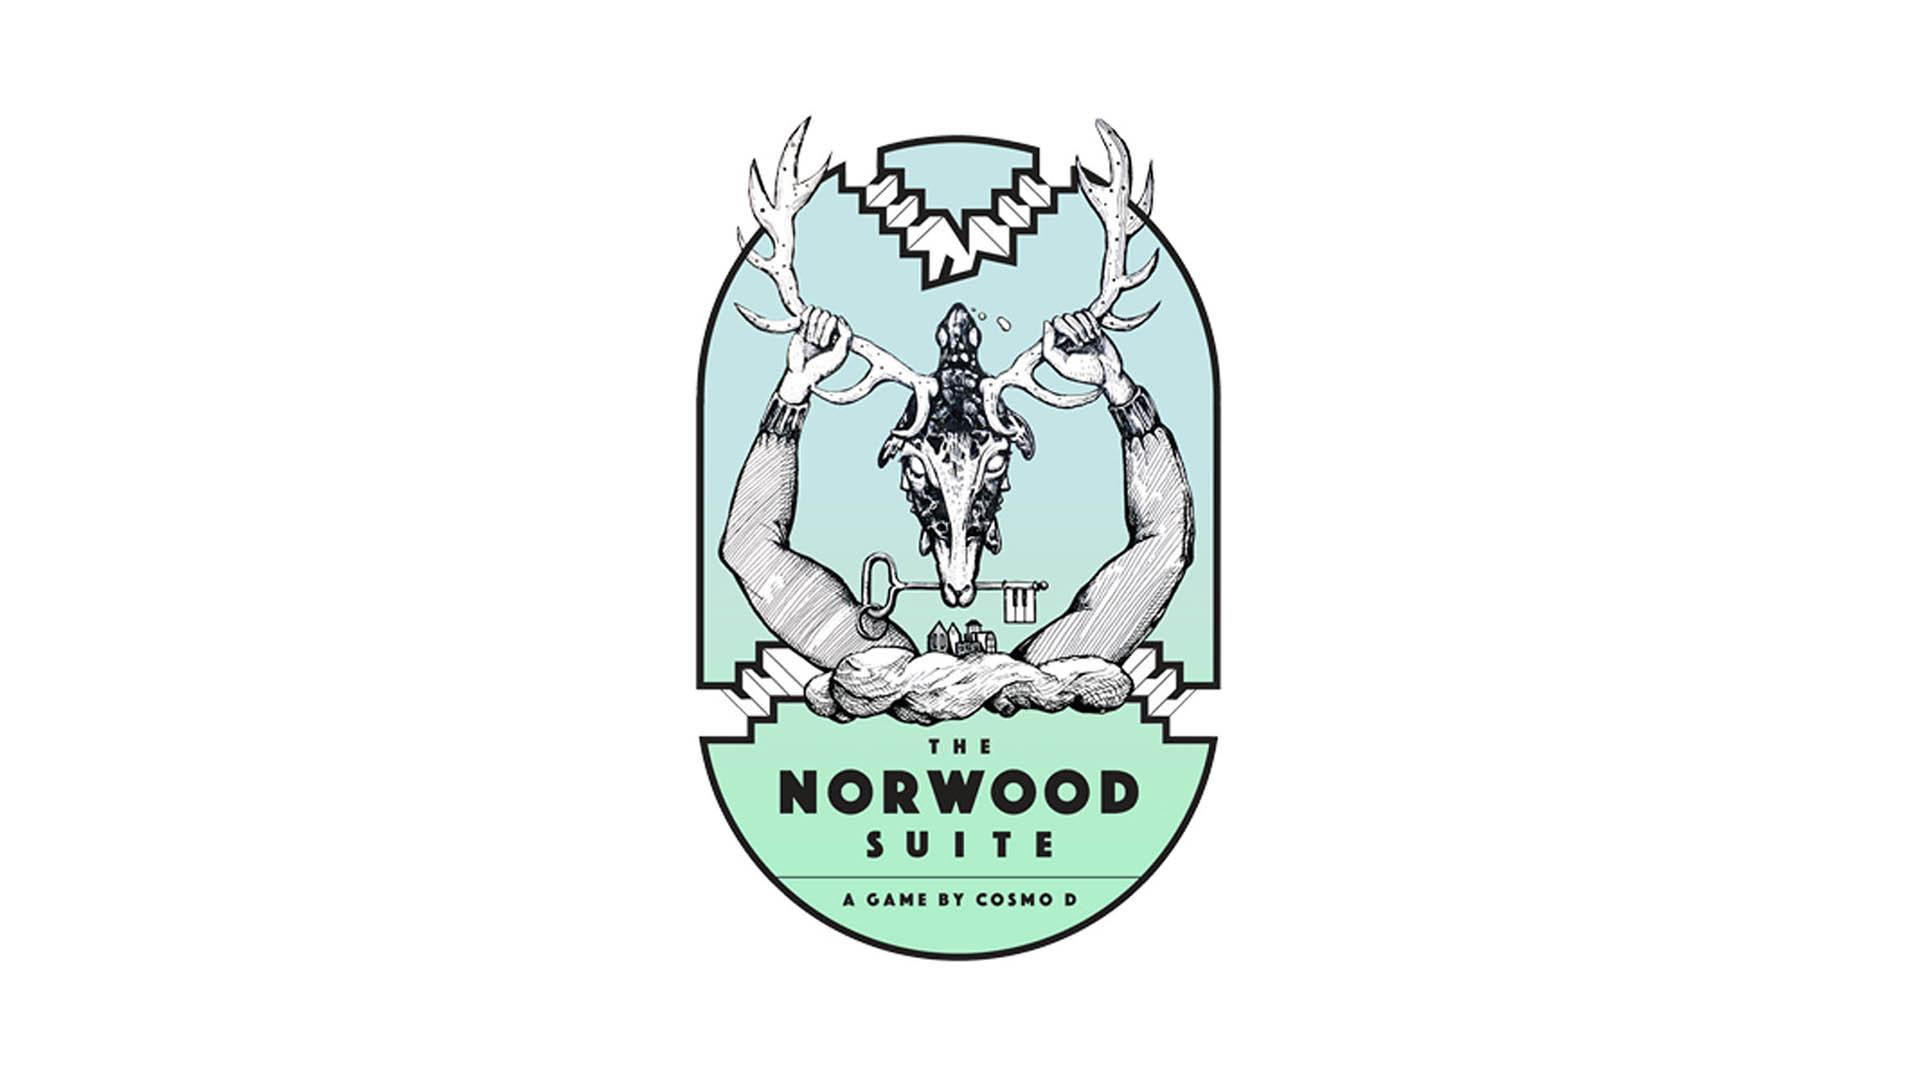 Alliance Digital Media kündigt The Norwood Suite an